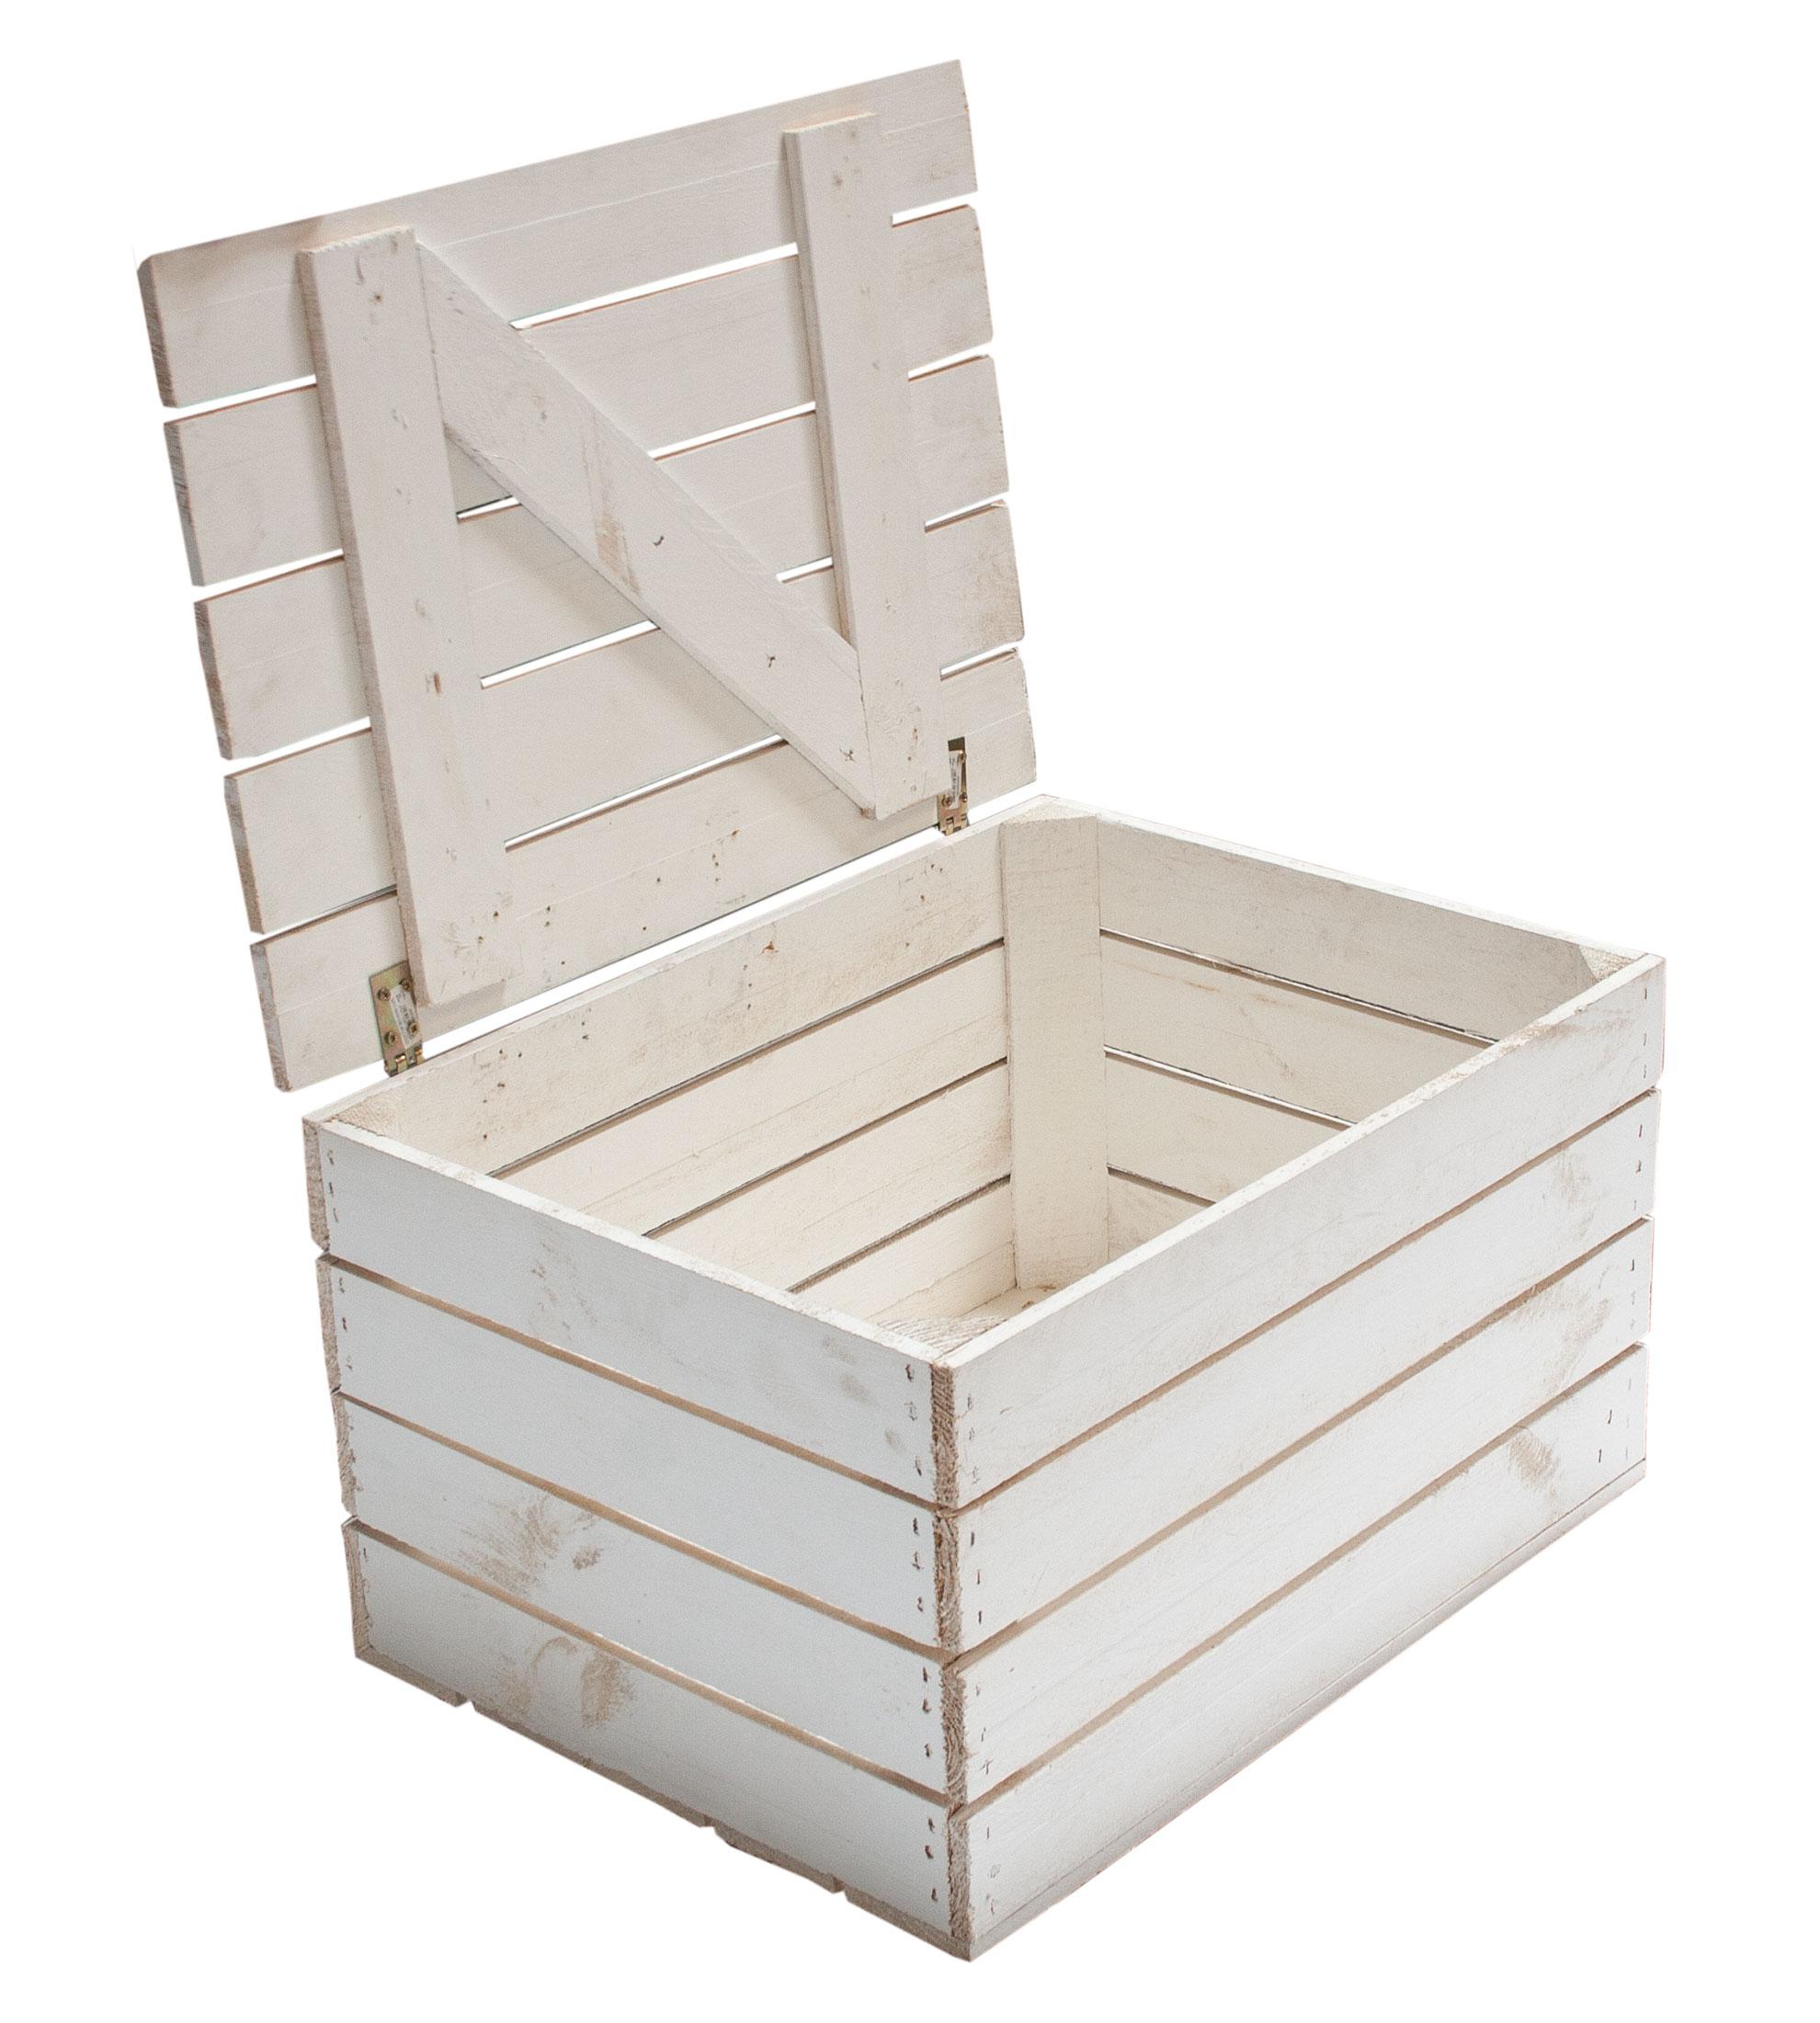 Möbel / Truhen : Neue Holztruhe in weiß *mittel* 58x43,5x34cm